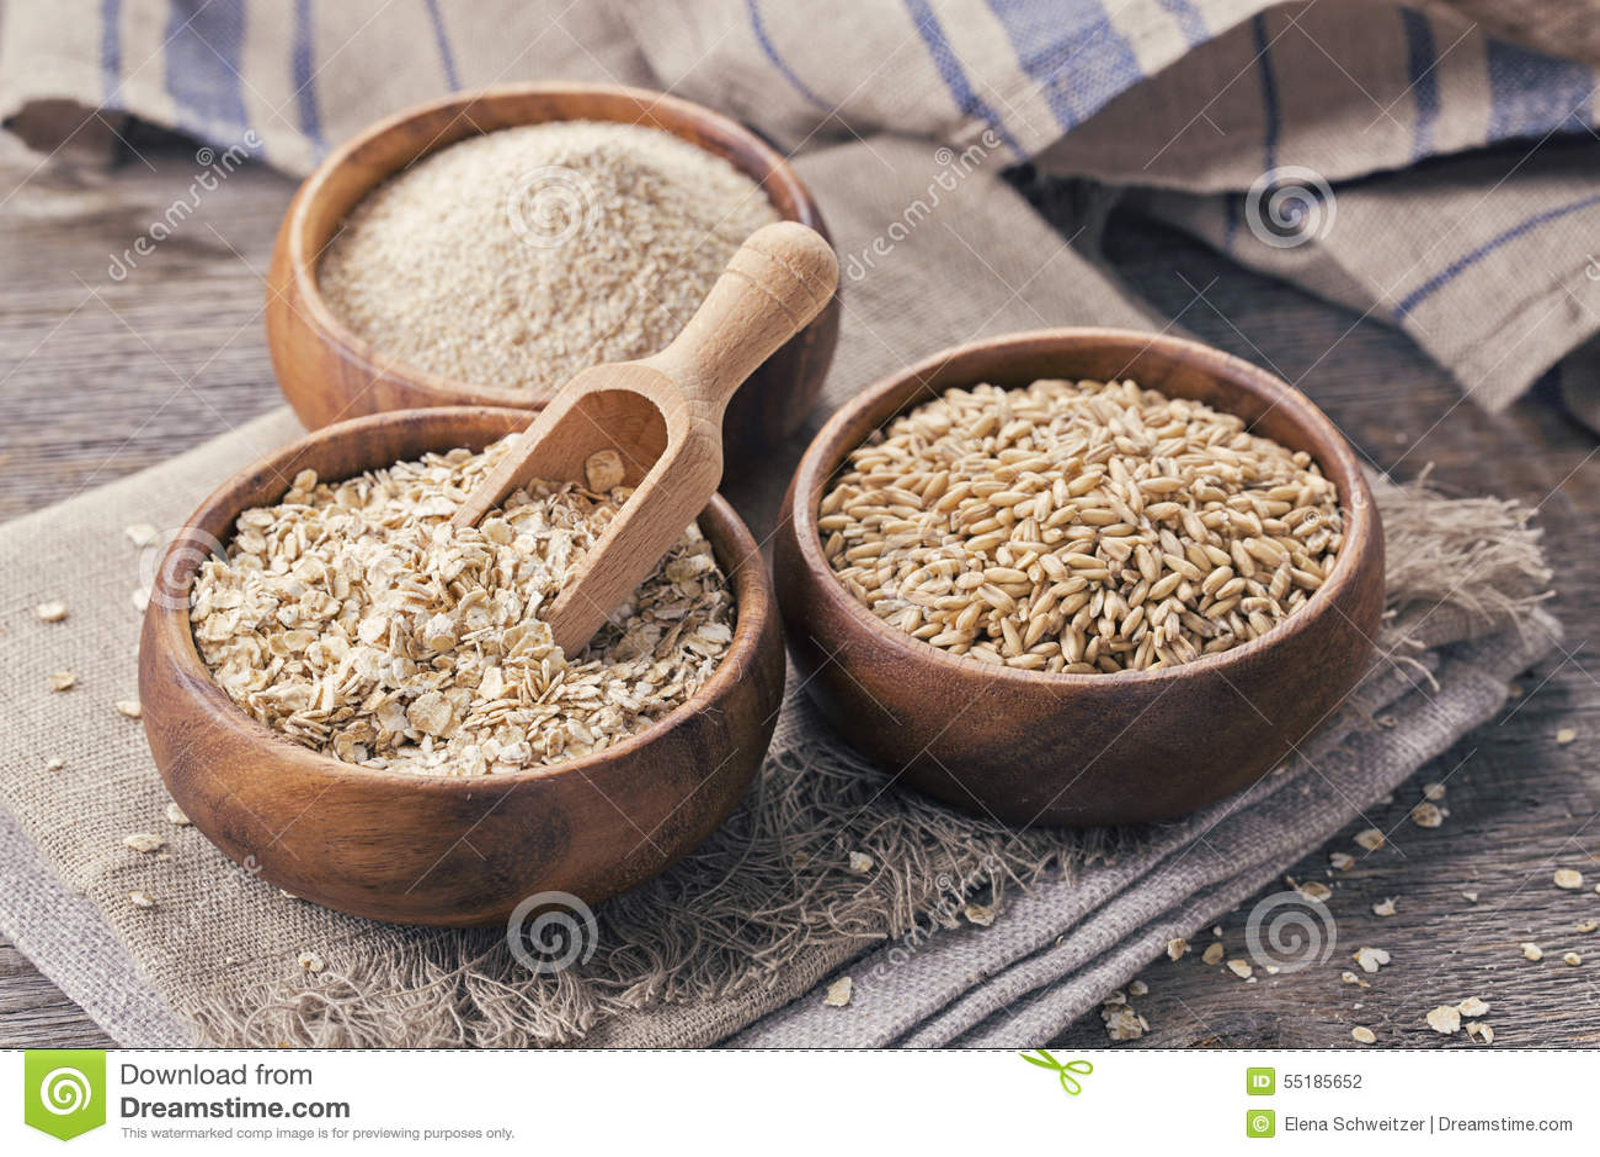 Хлопья, семена и отруби овса